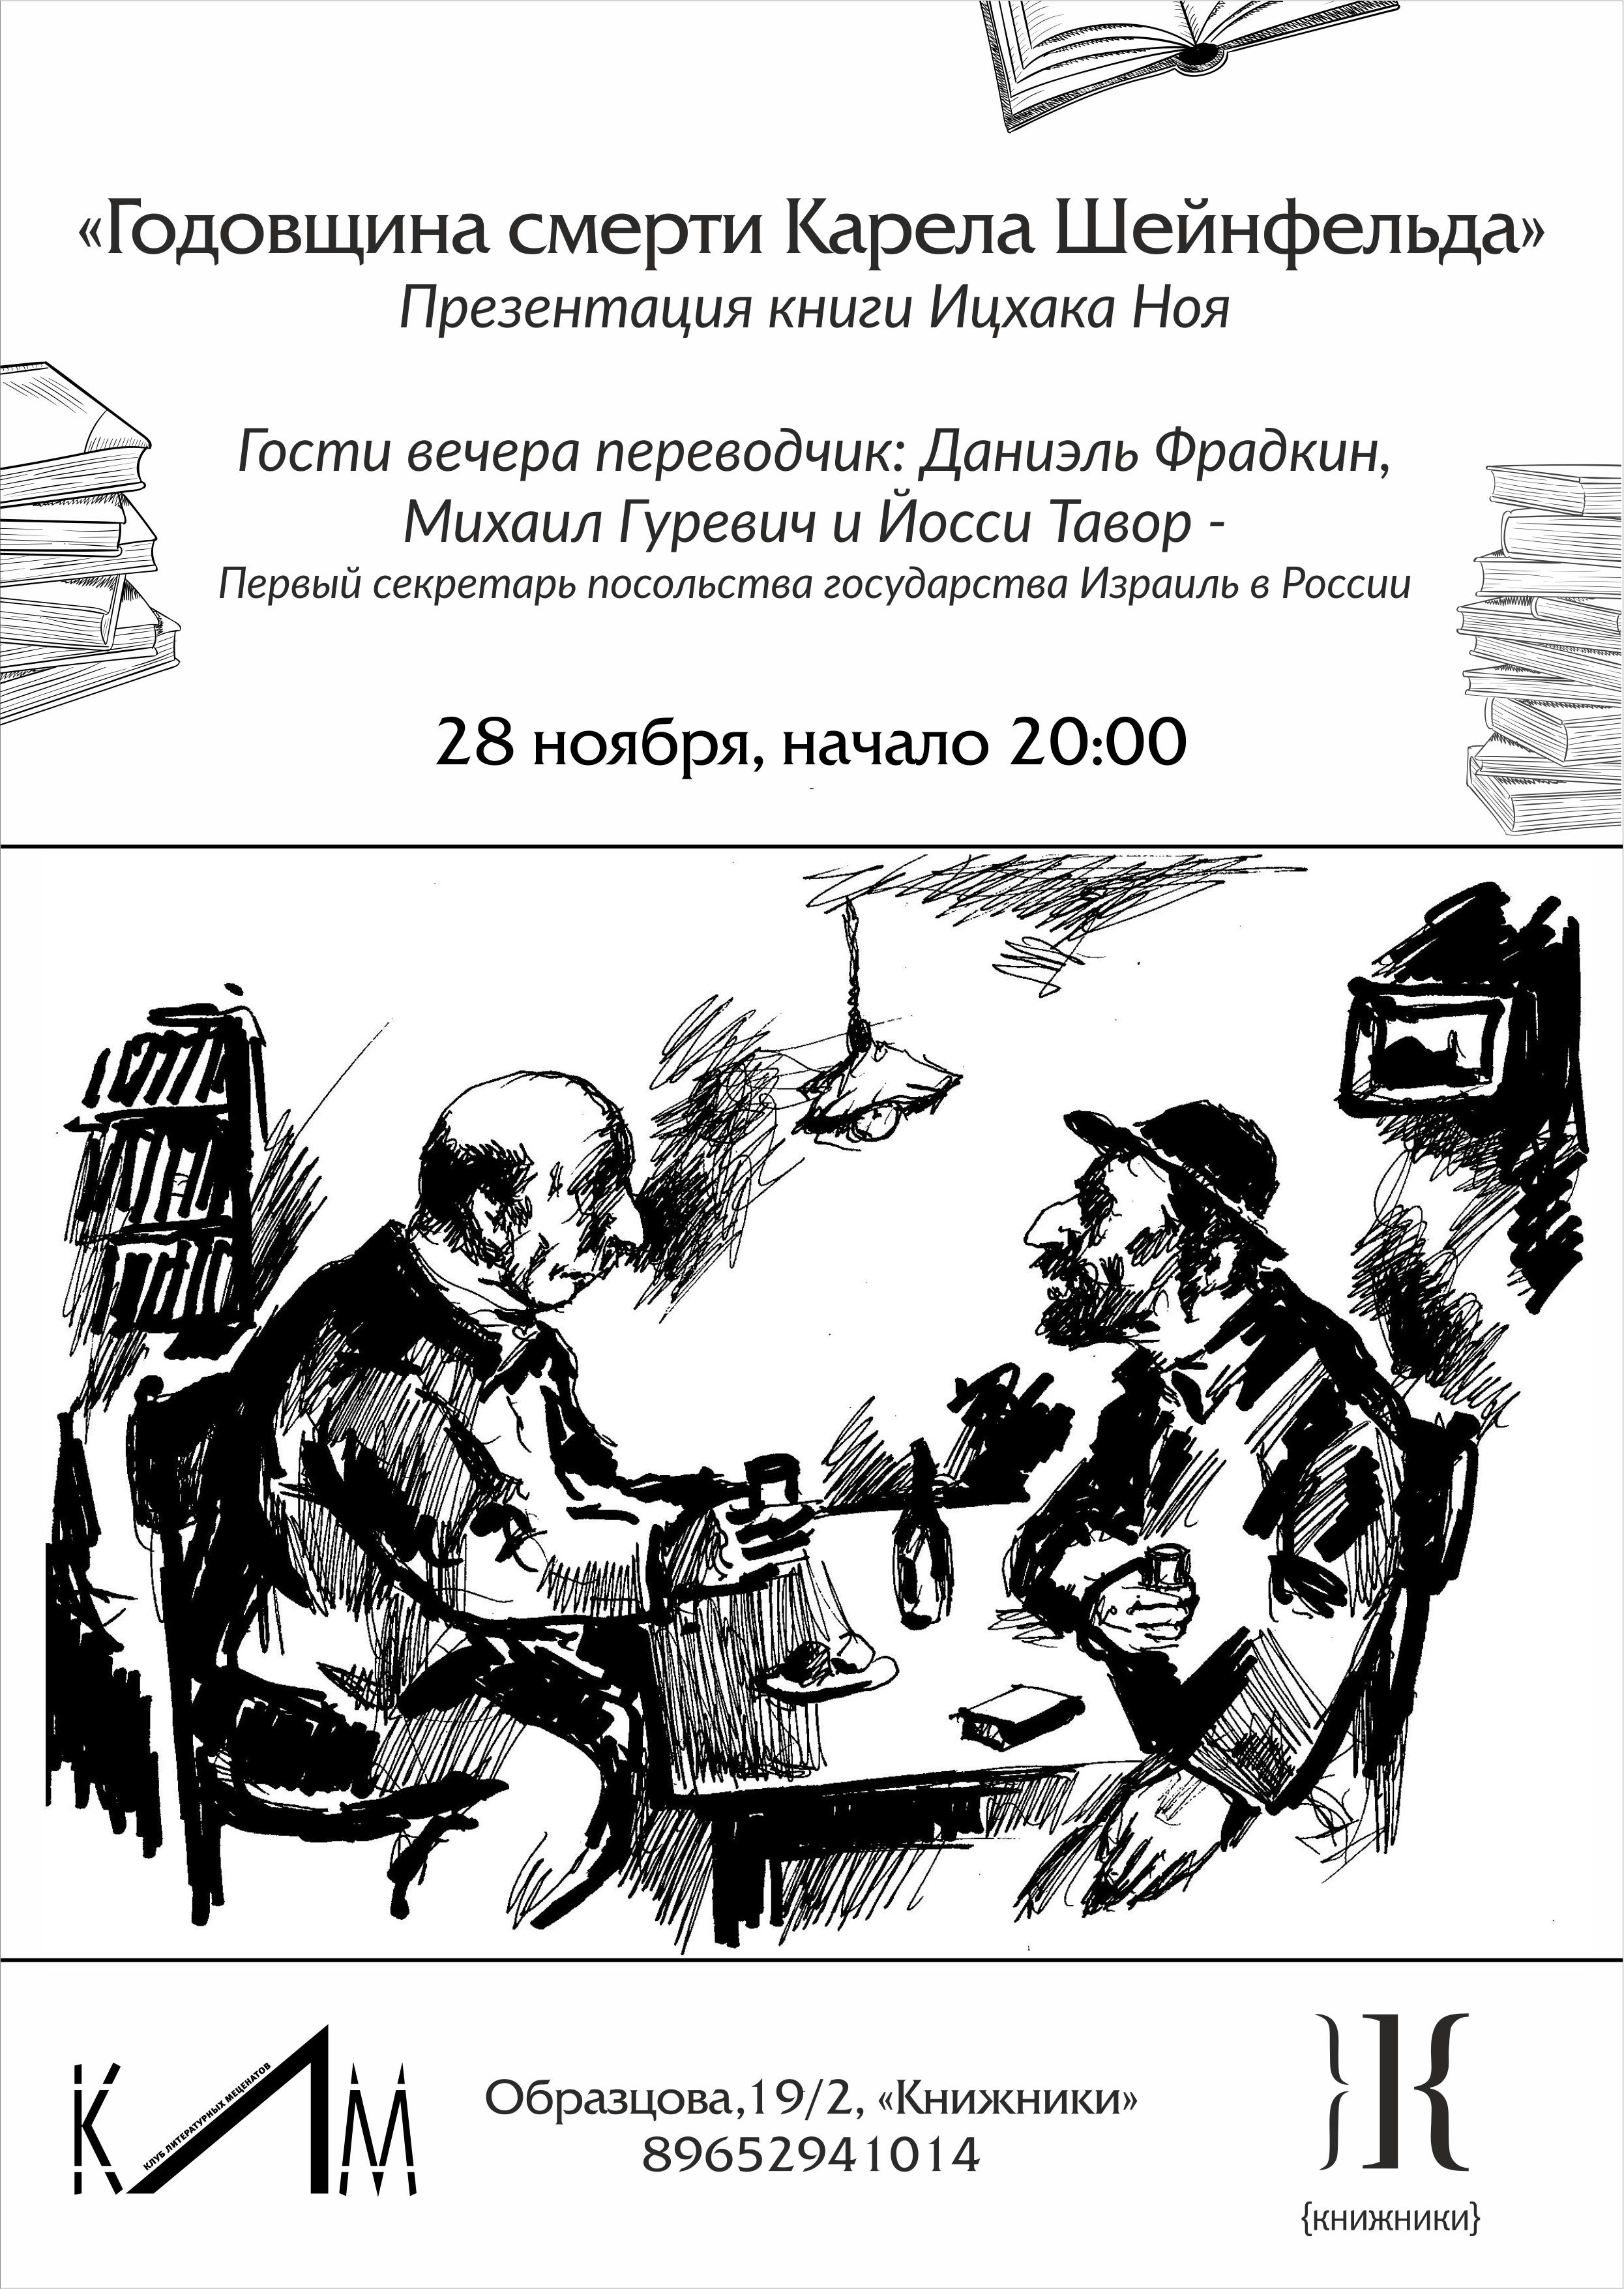 «Годовщина смерти Карела Шейнфельда» - презентация книги Ицхака Ноя